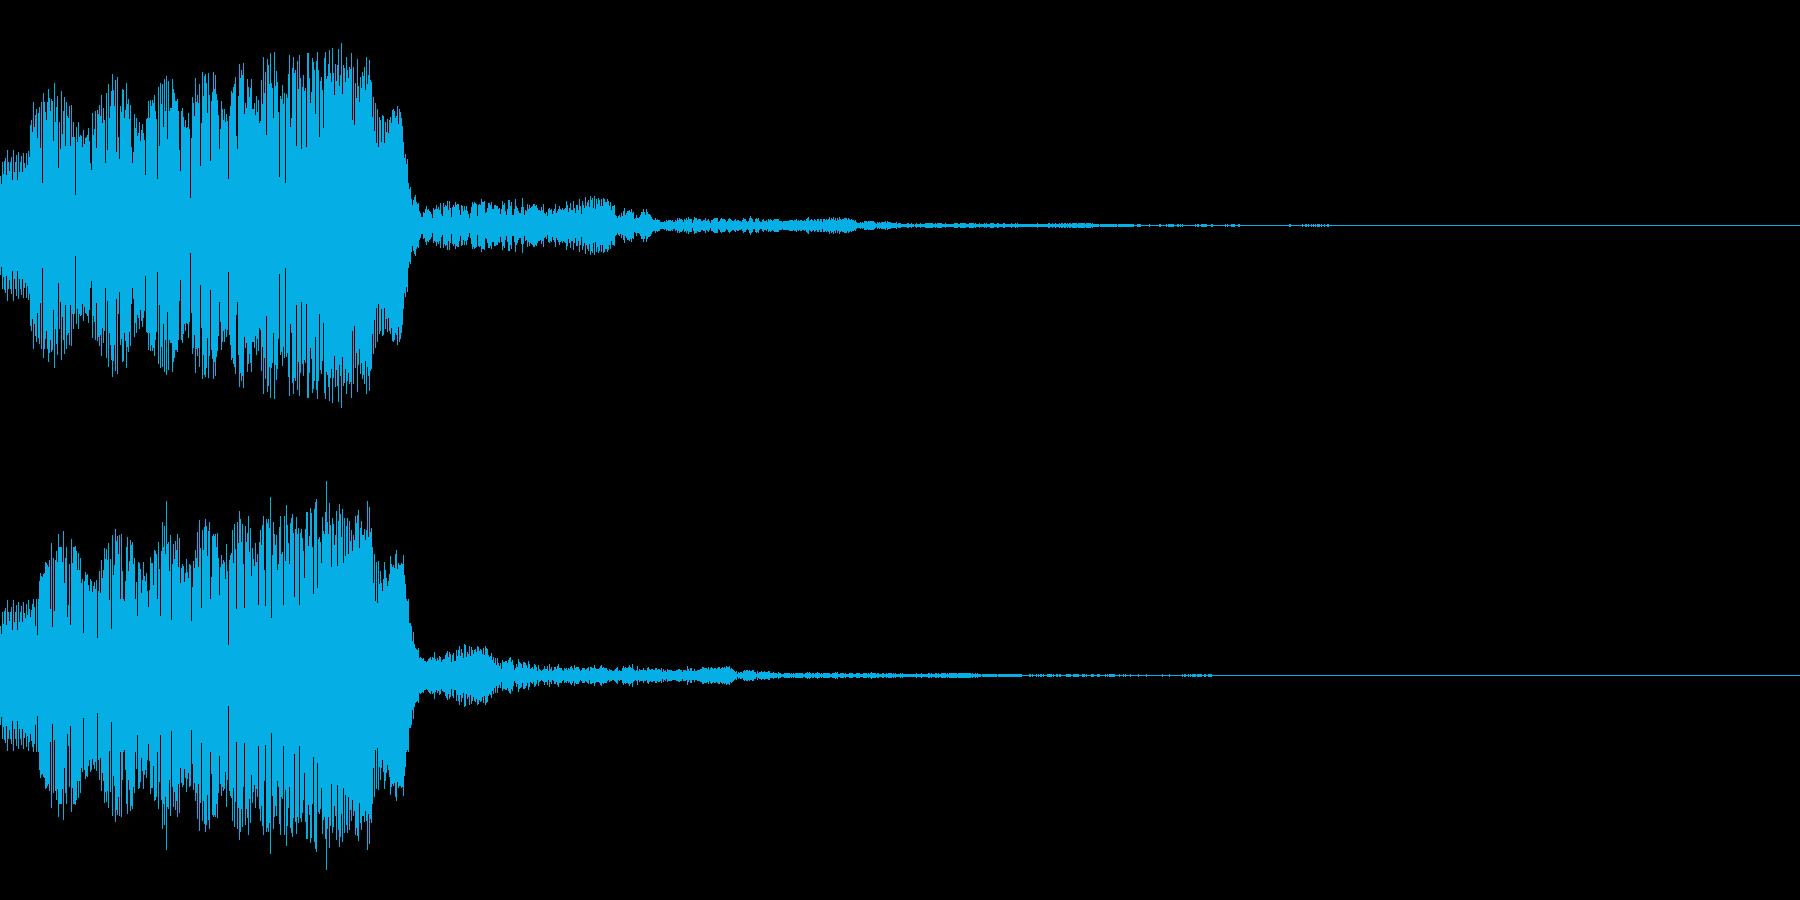 ギュウゥゥン↑シンプルなパワーアップ音の再生済みの波形